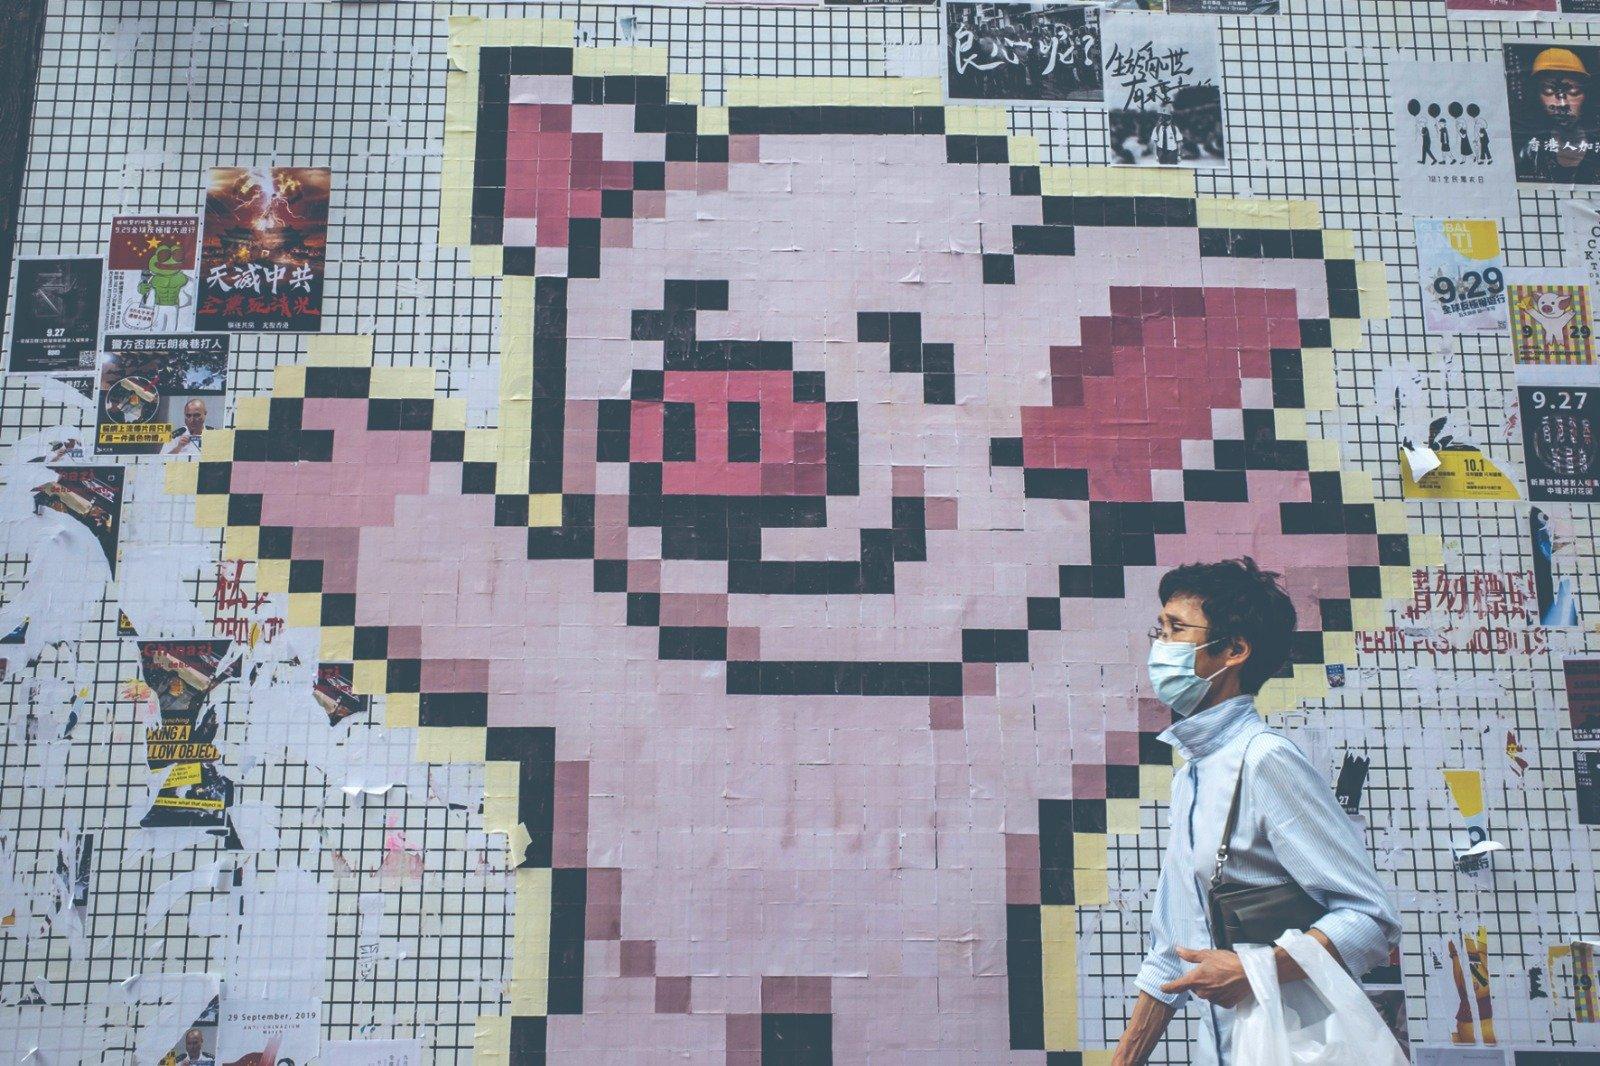 圖為香港一連儂牆上「連豬」拼圖(Getty Images)